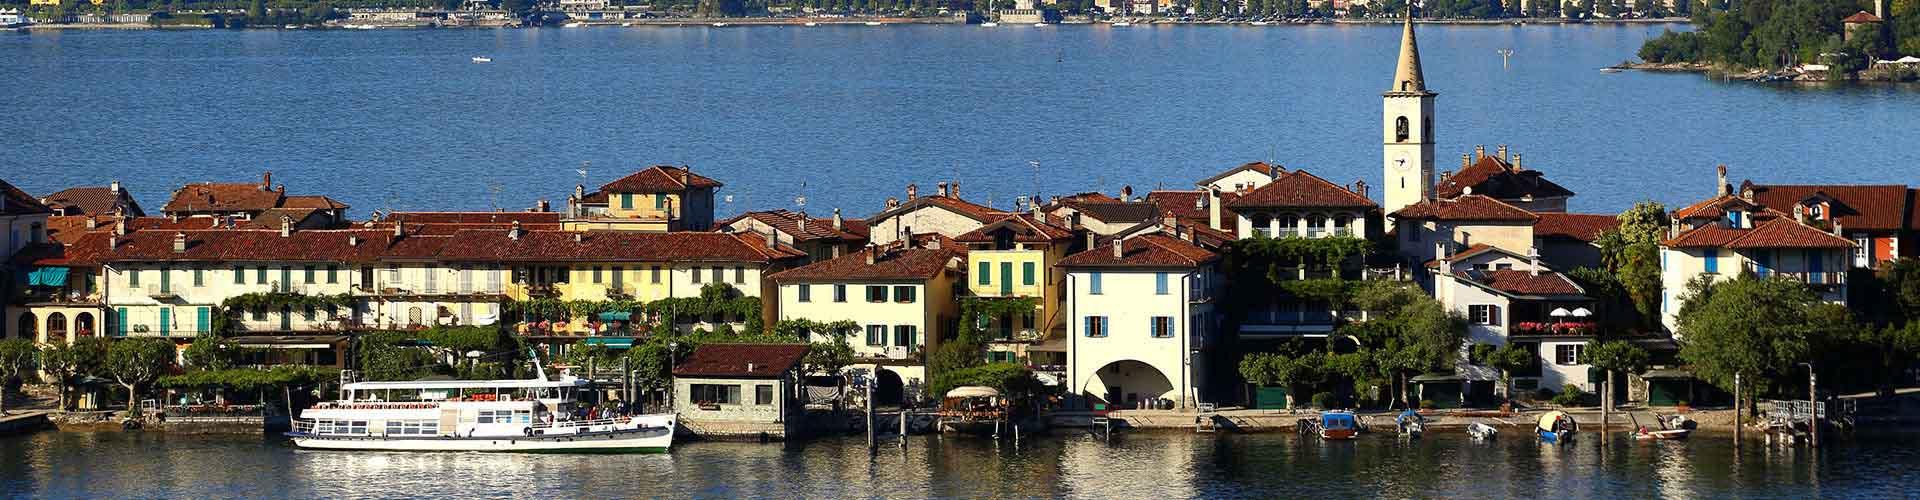 マジョーレ湖 – ホテル マジョーレ湖. 地図 マジョーレ湖, すべてのホテルの写真とレビュー マジョーレ湖.